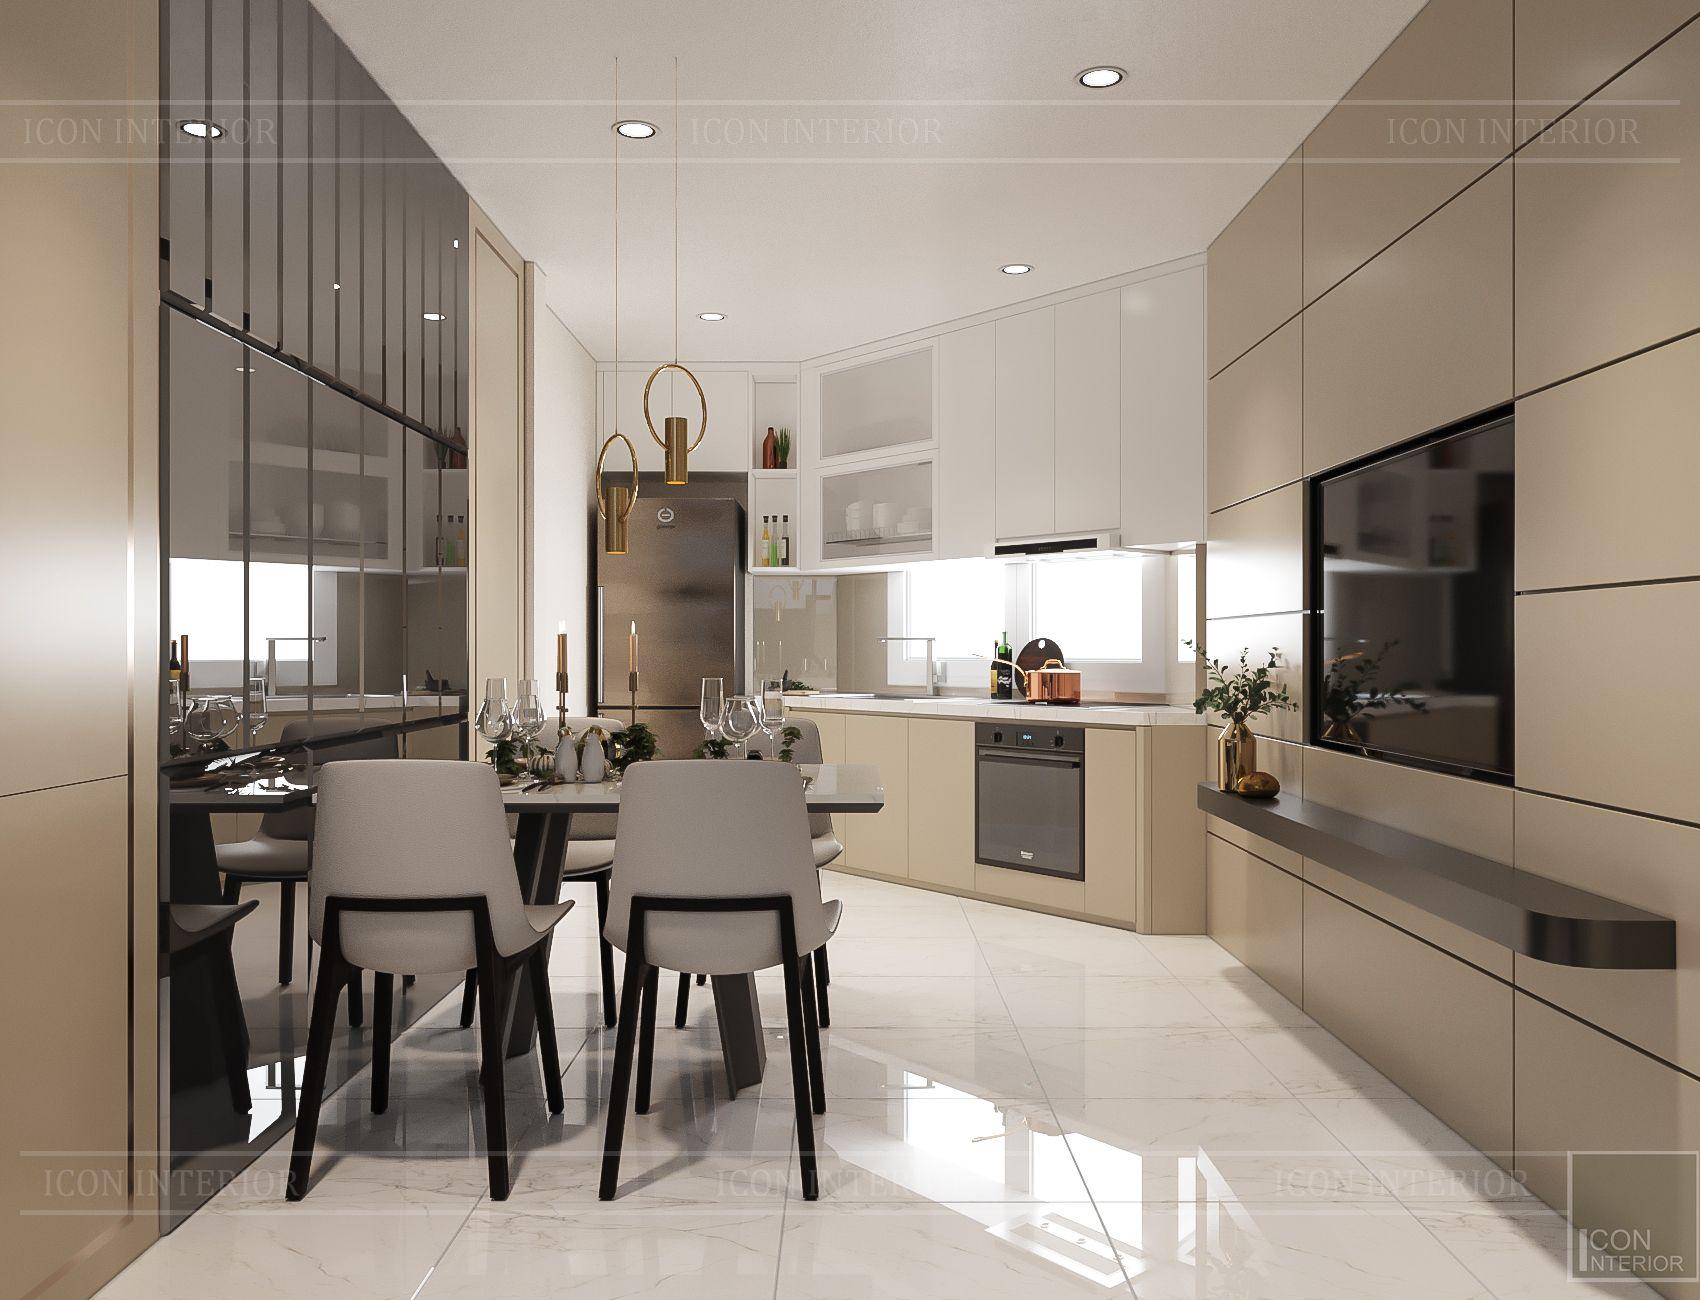 thiết kế nội thất nhà phố hiện đại - phòng bếp 2